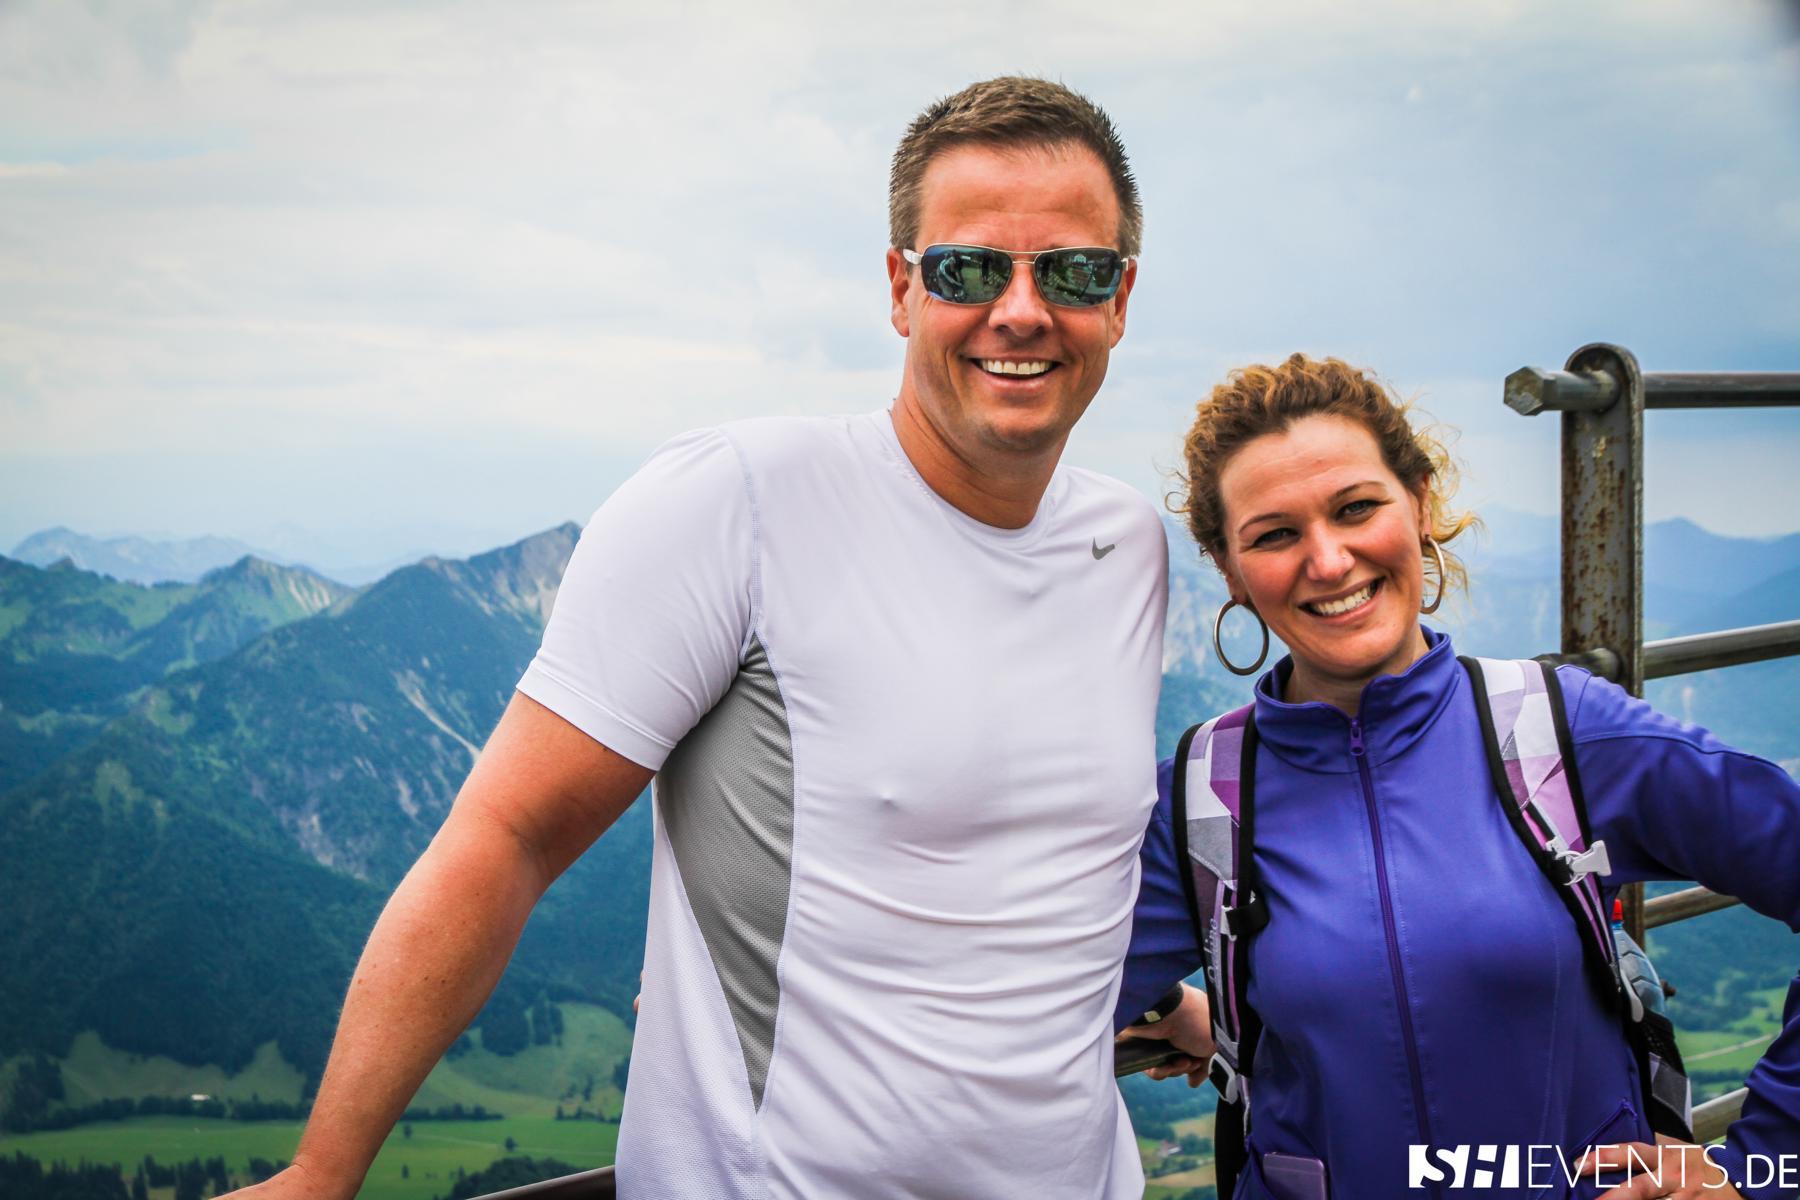 zwei Personen auf dem Berg